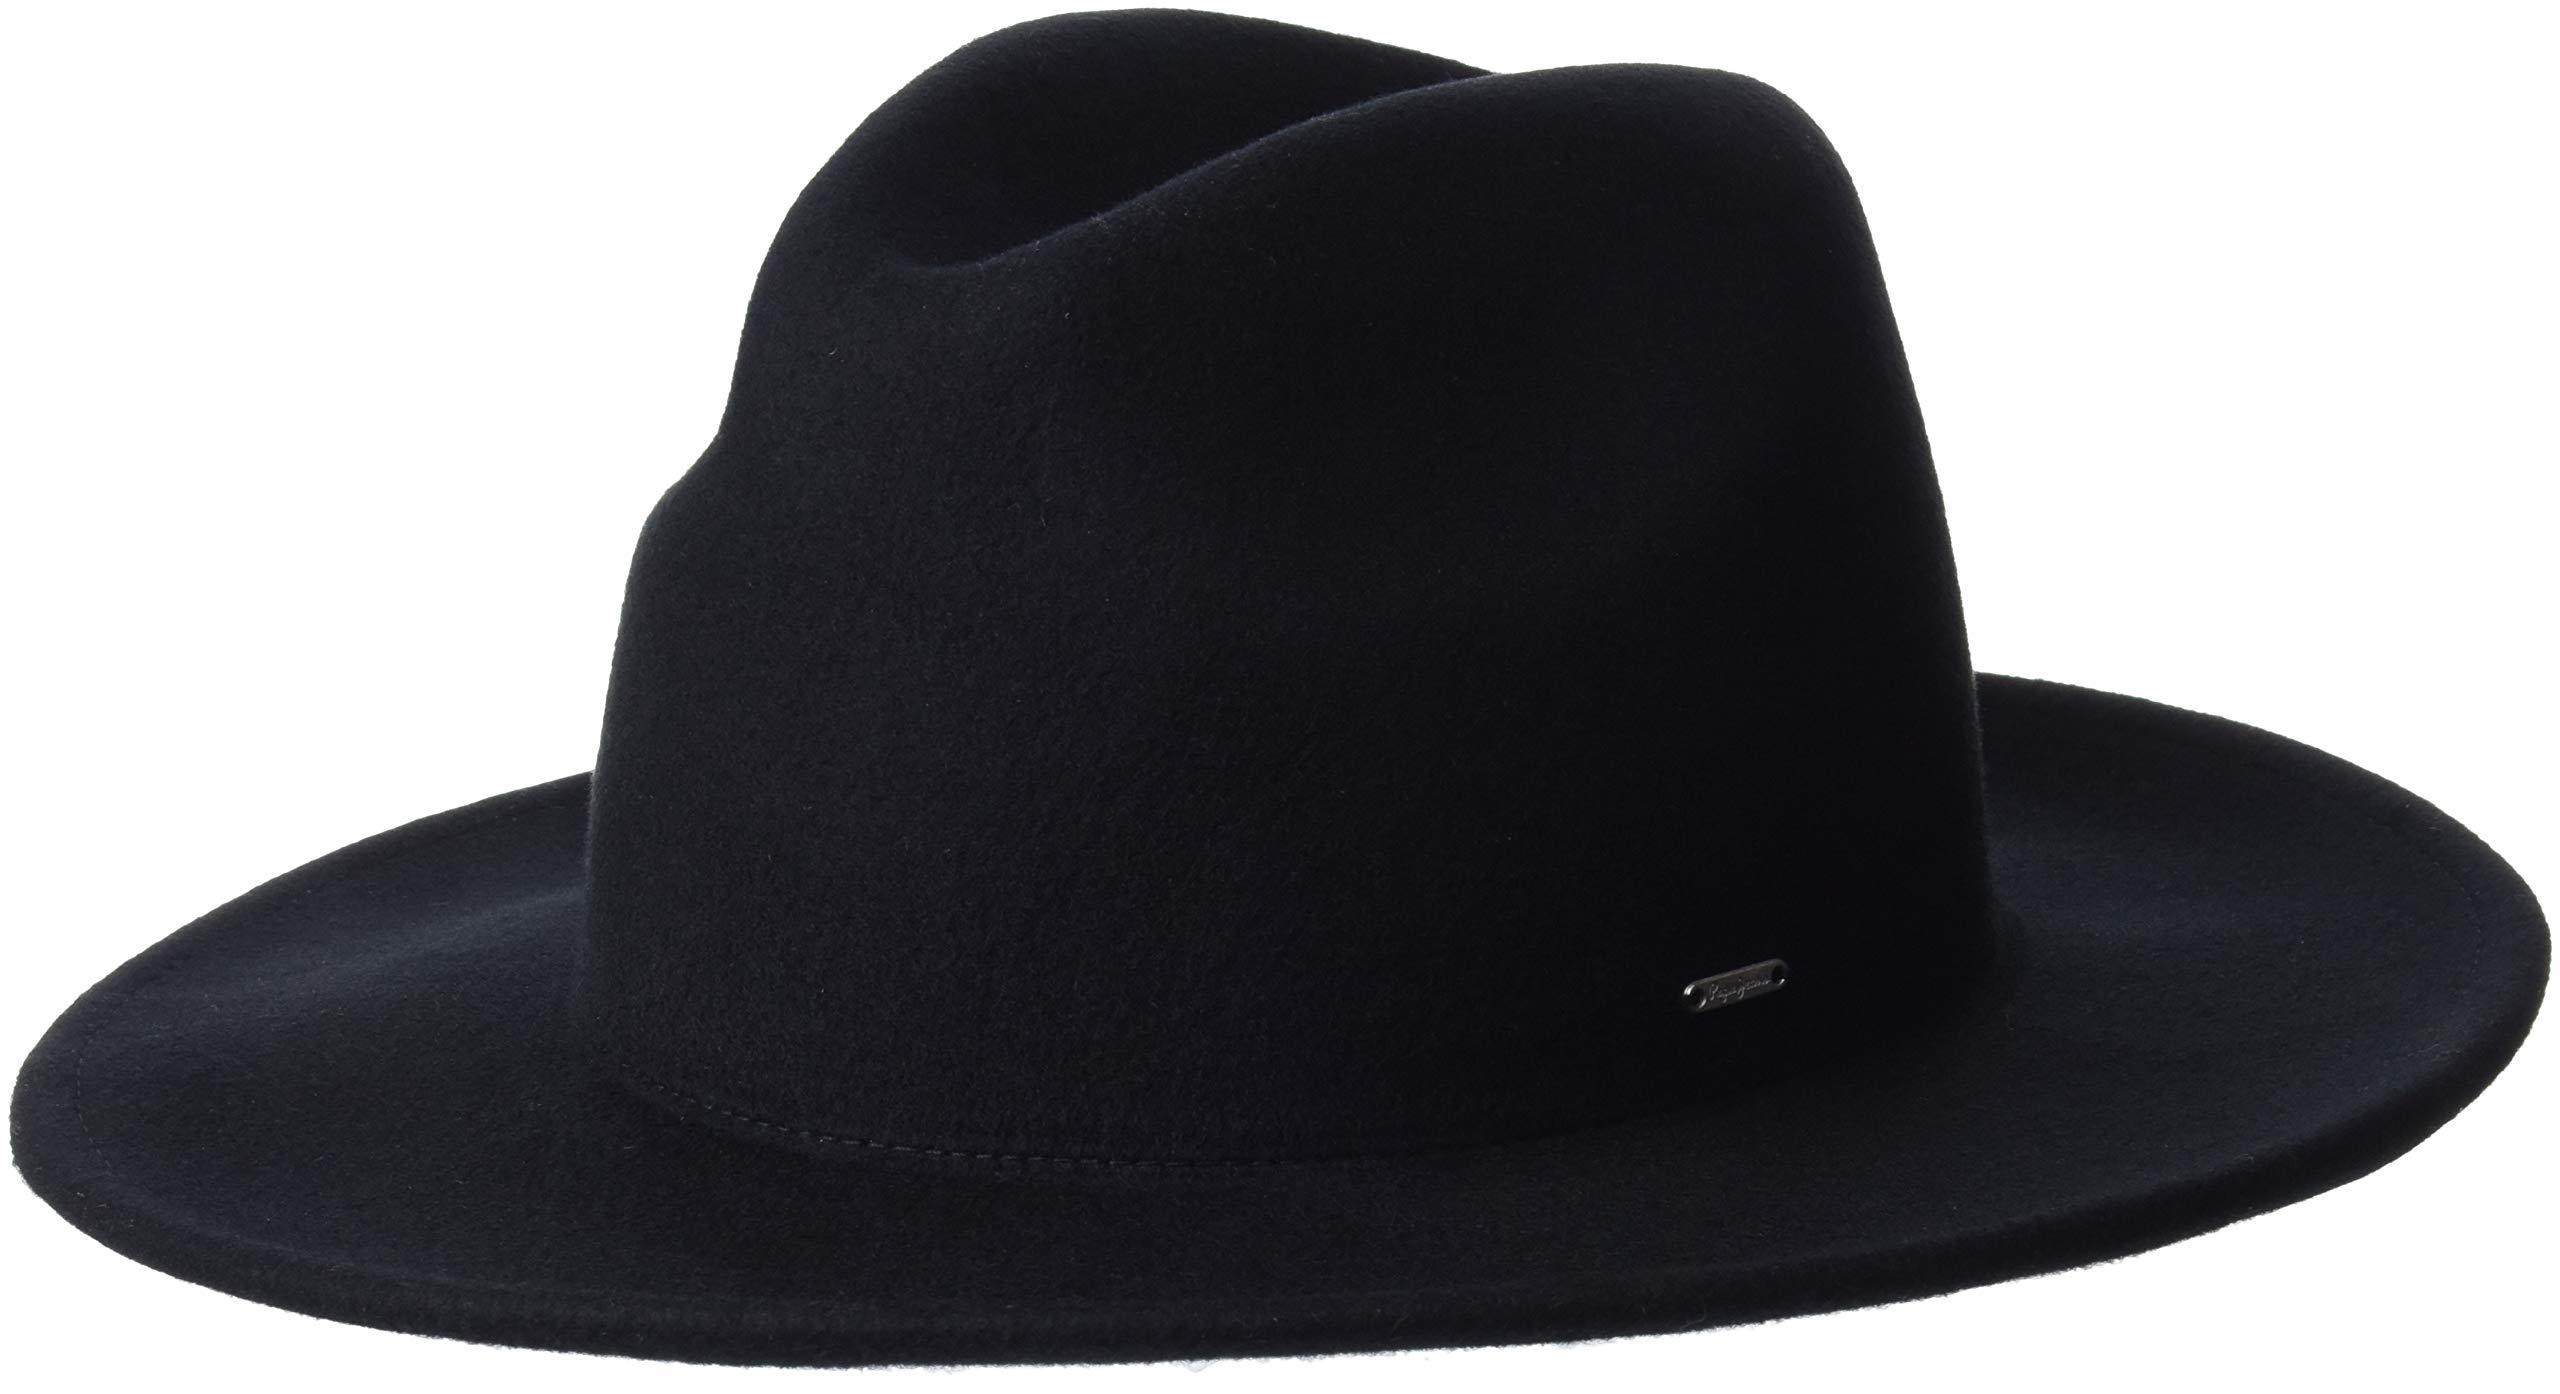 Pepe Jeans Philana Hat Sombrero de Vestir para Mujer